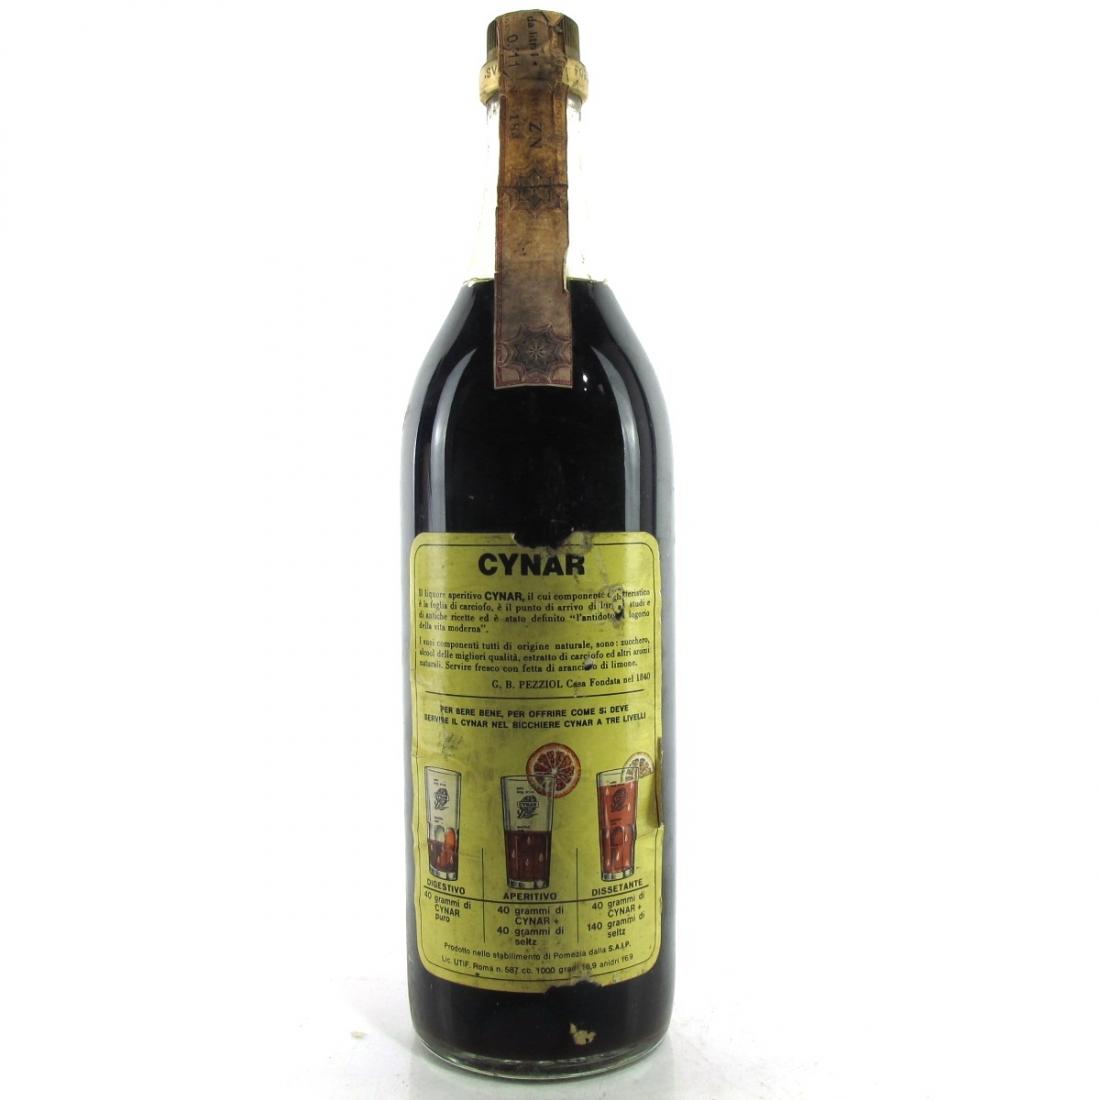 Cynar Artichoke Liqueur 1 Litre 1970s